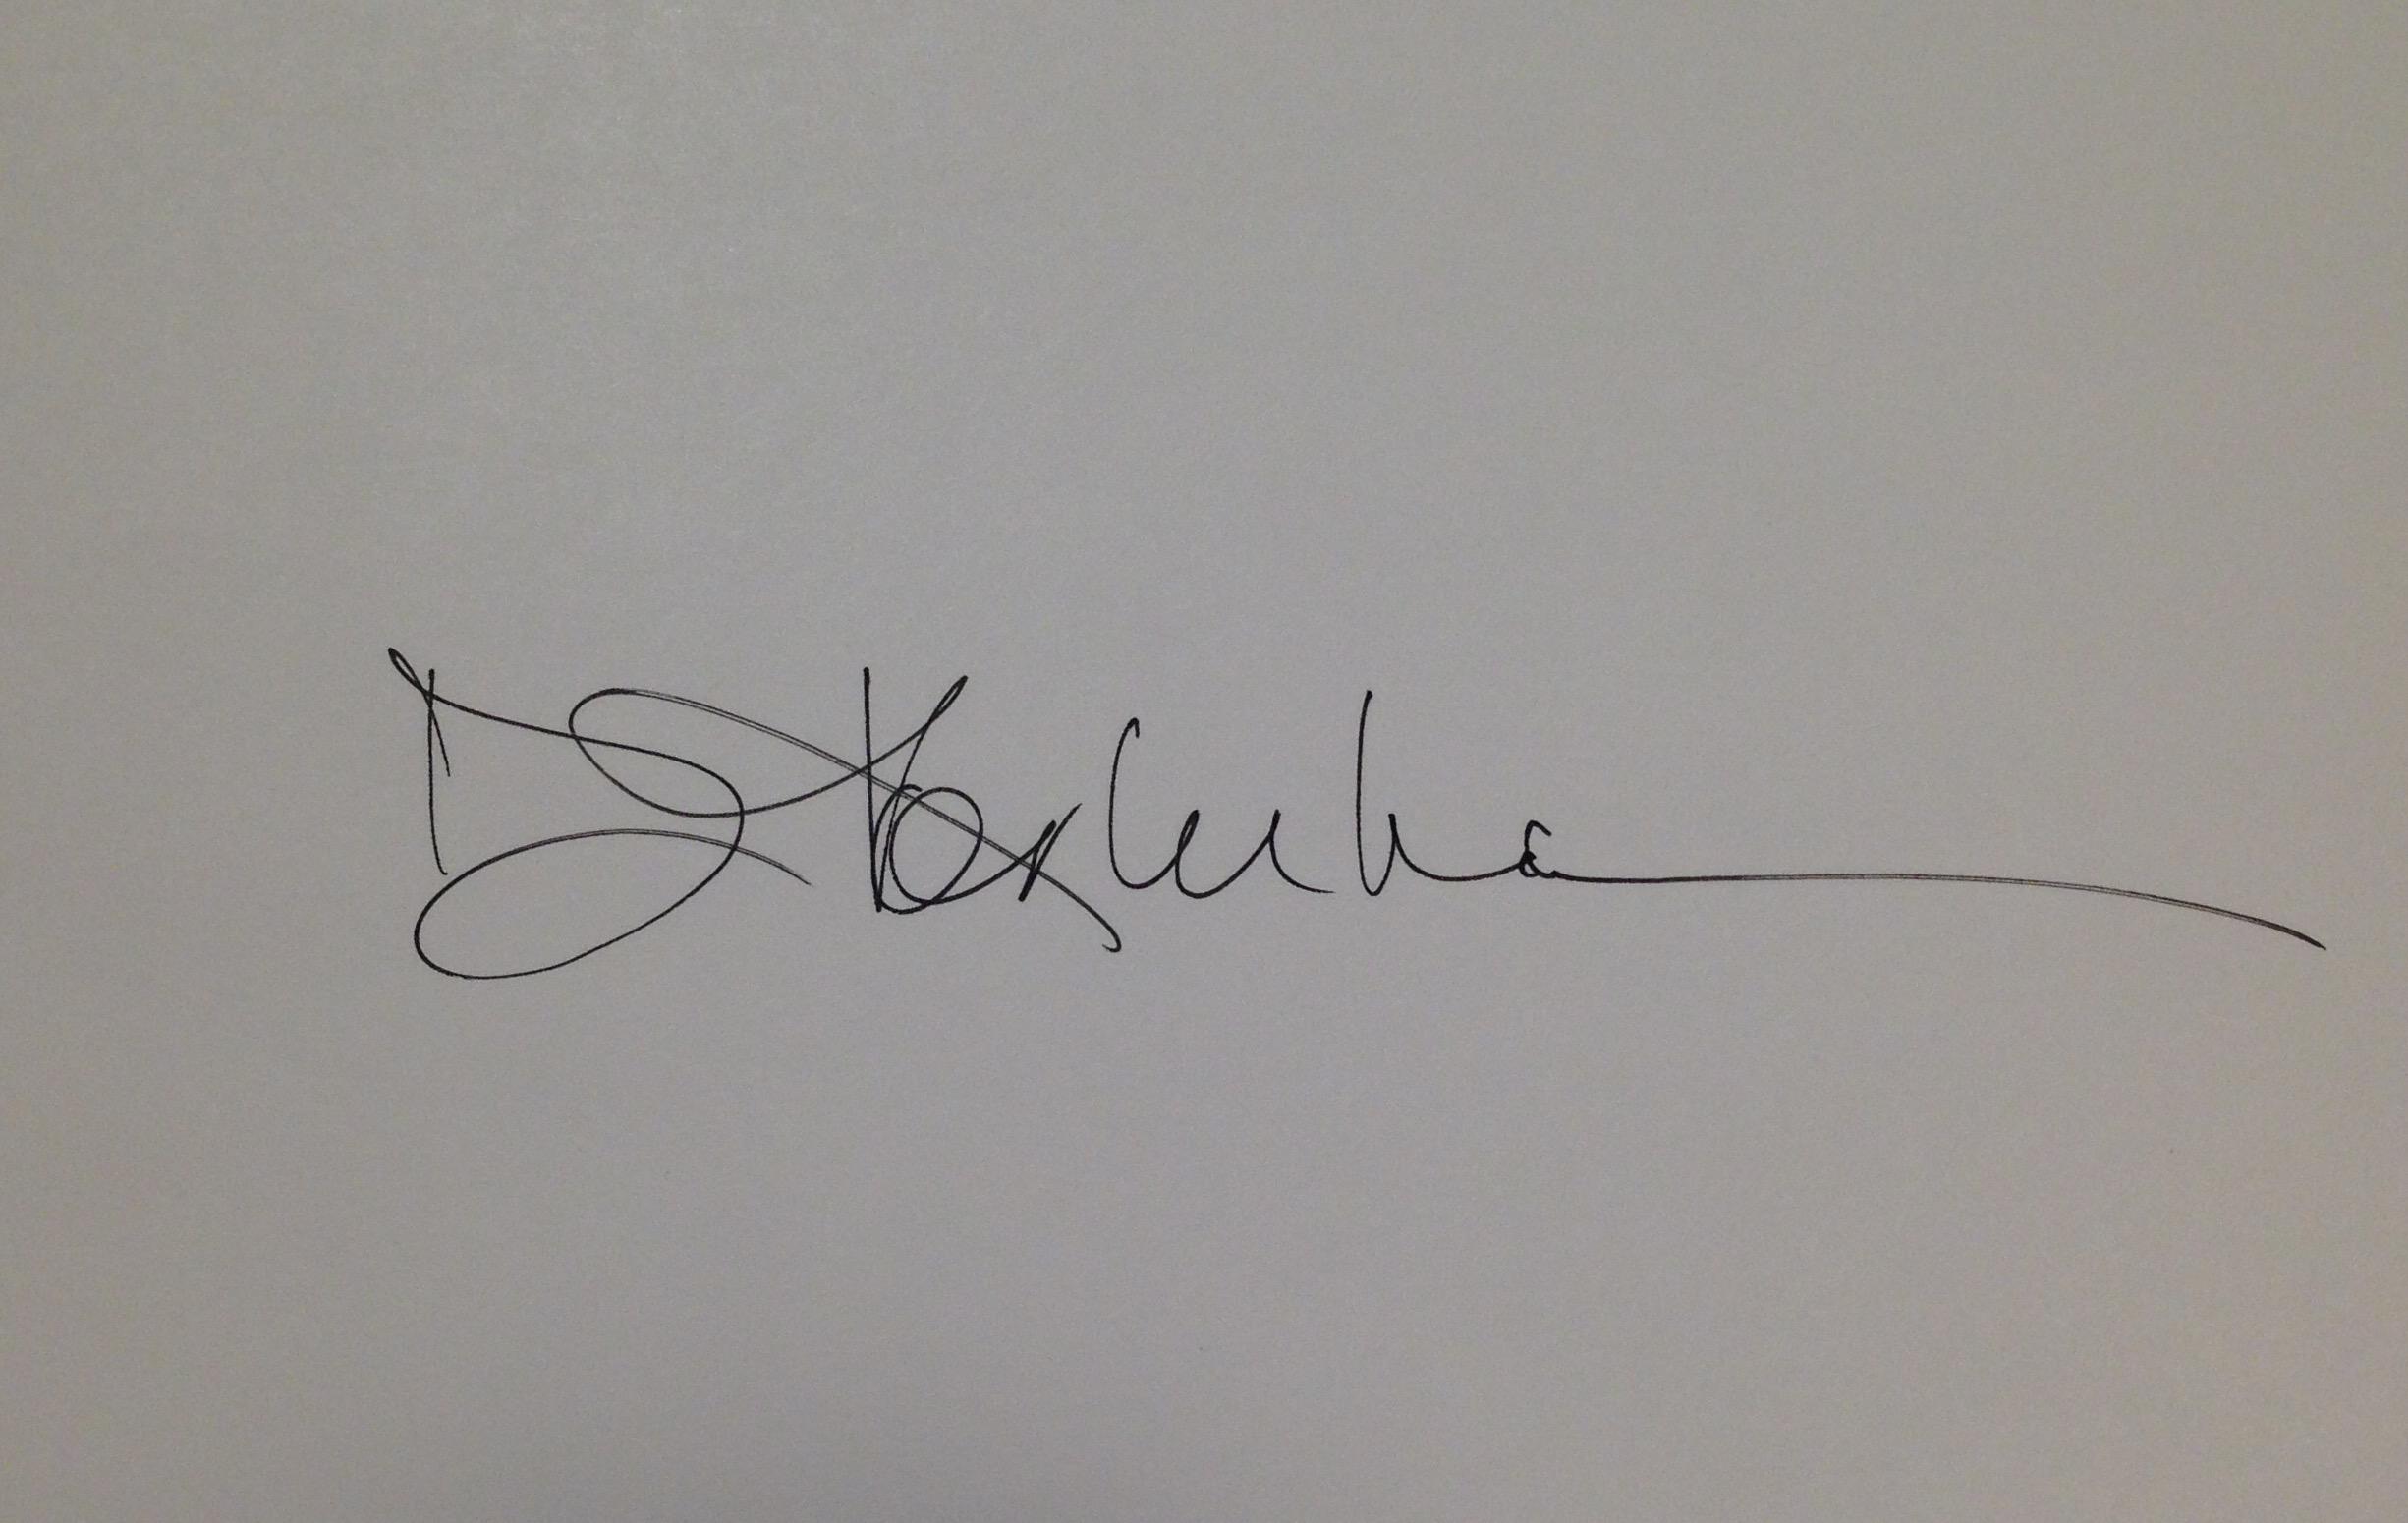 Debra Korluka's Signature